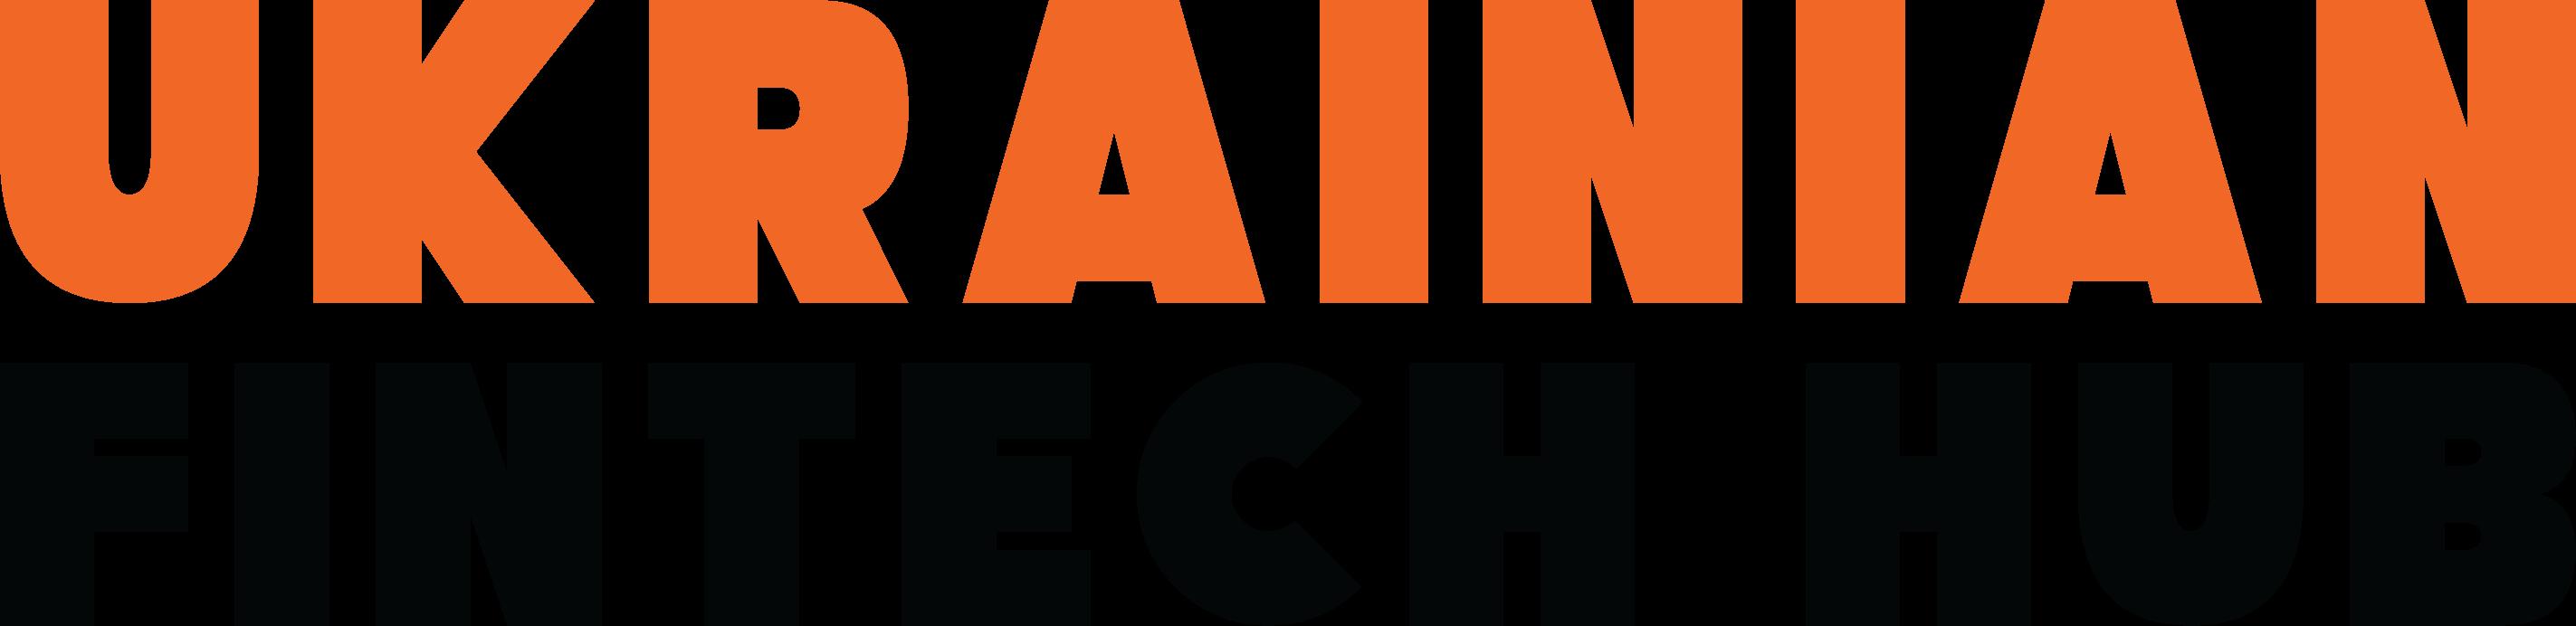 Ukrainian FinTech HUB